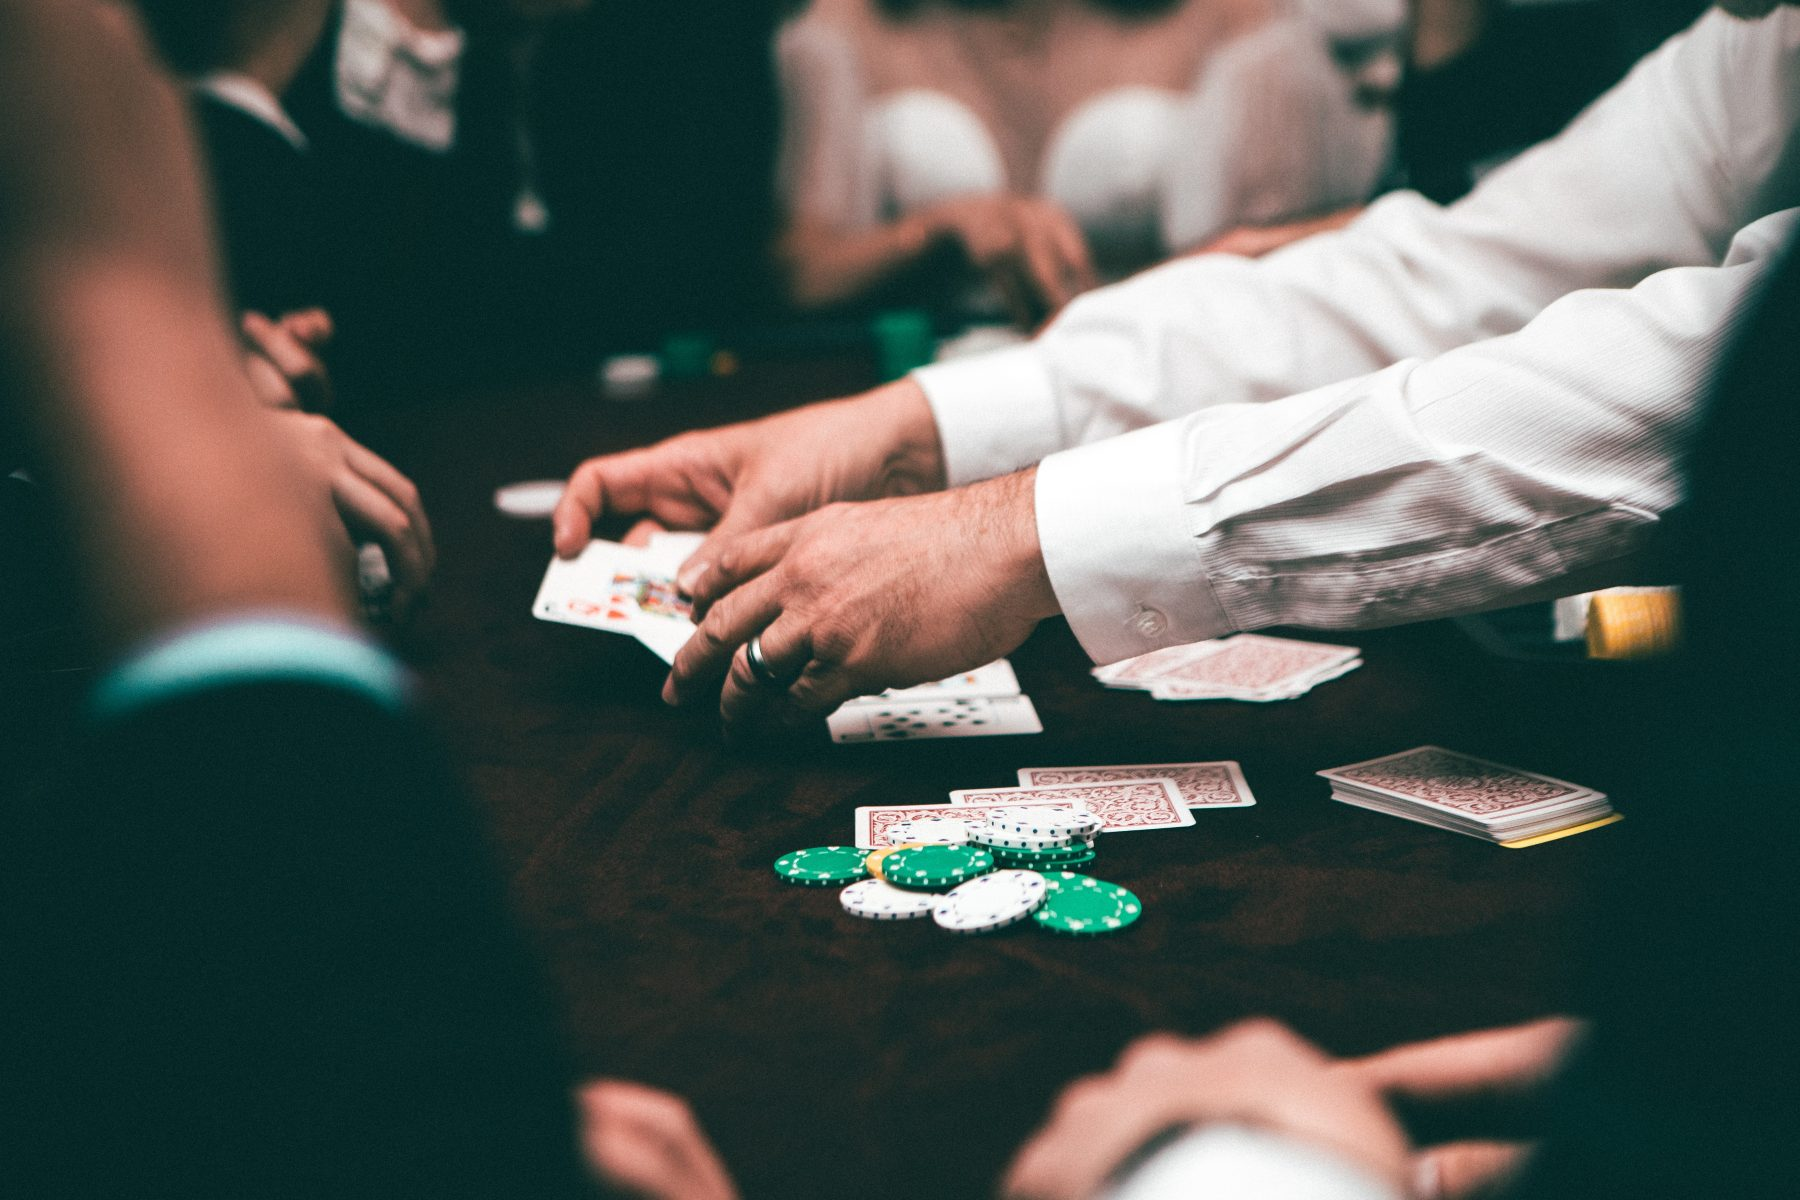 Bild von Chips und Rechnungen in einem Casino.